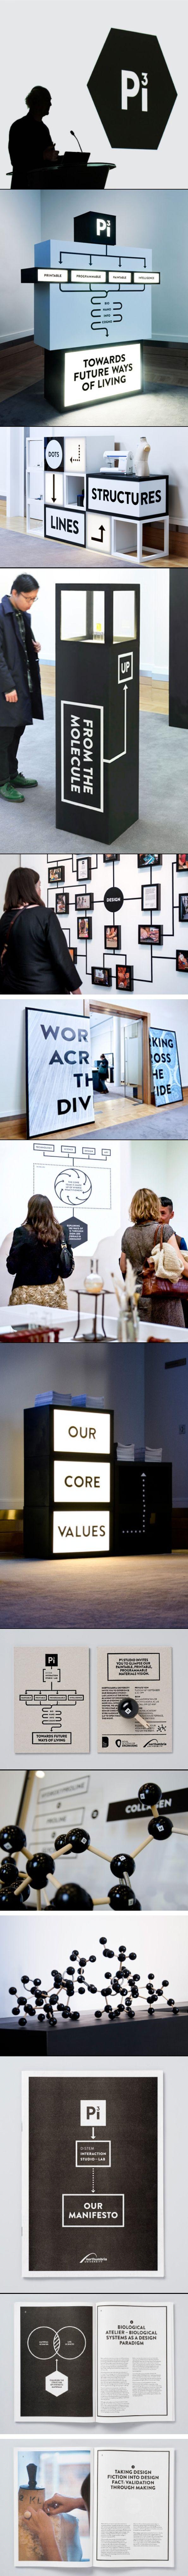 P3i - Northumbria University's design research initiative | Magpie Studio